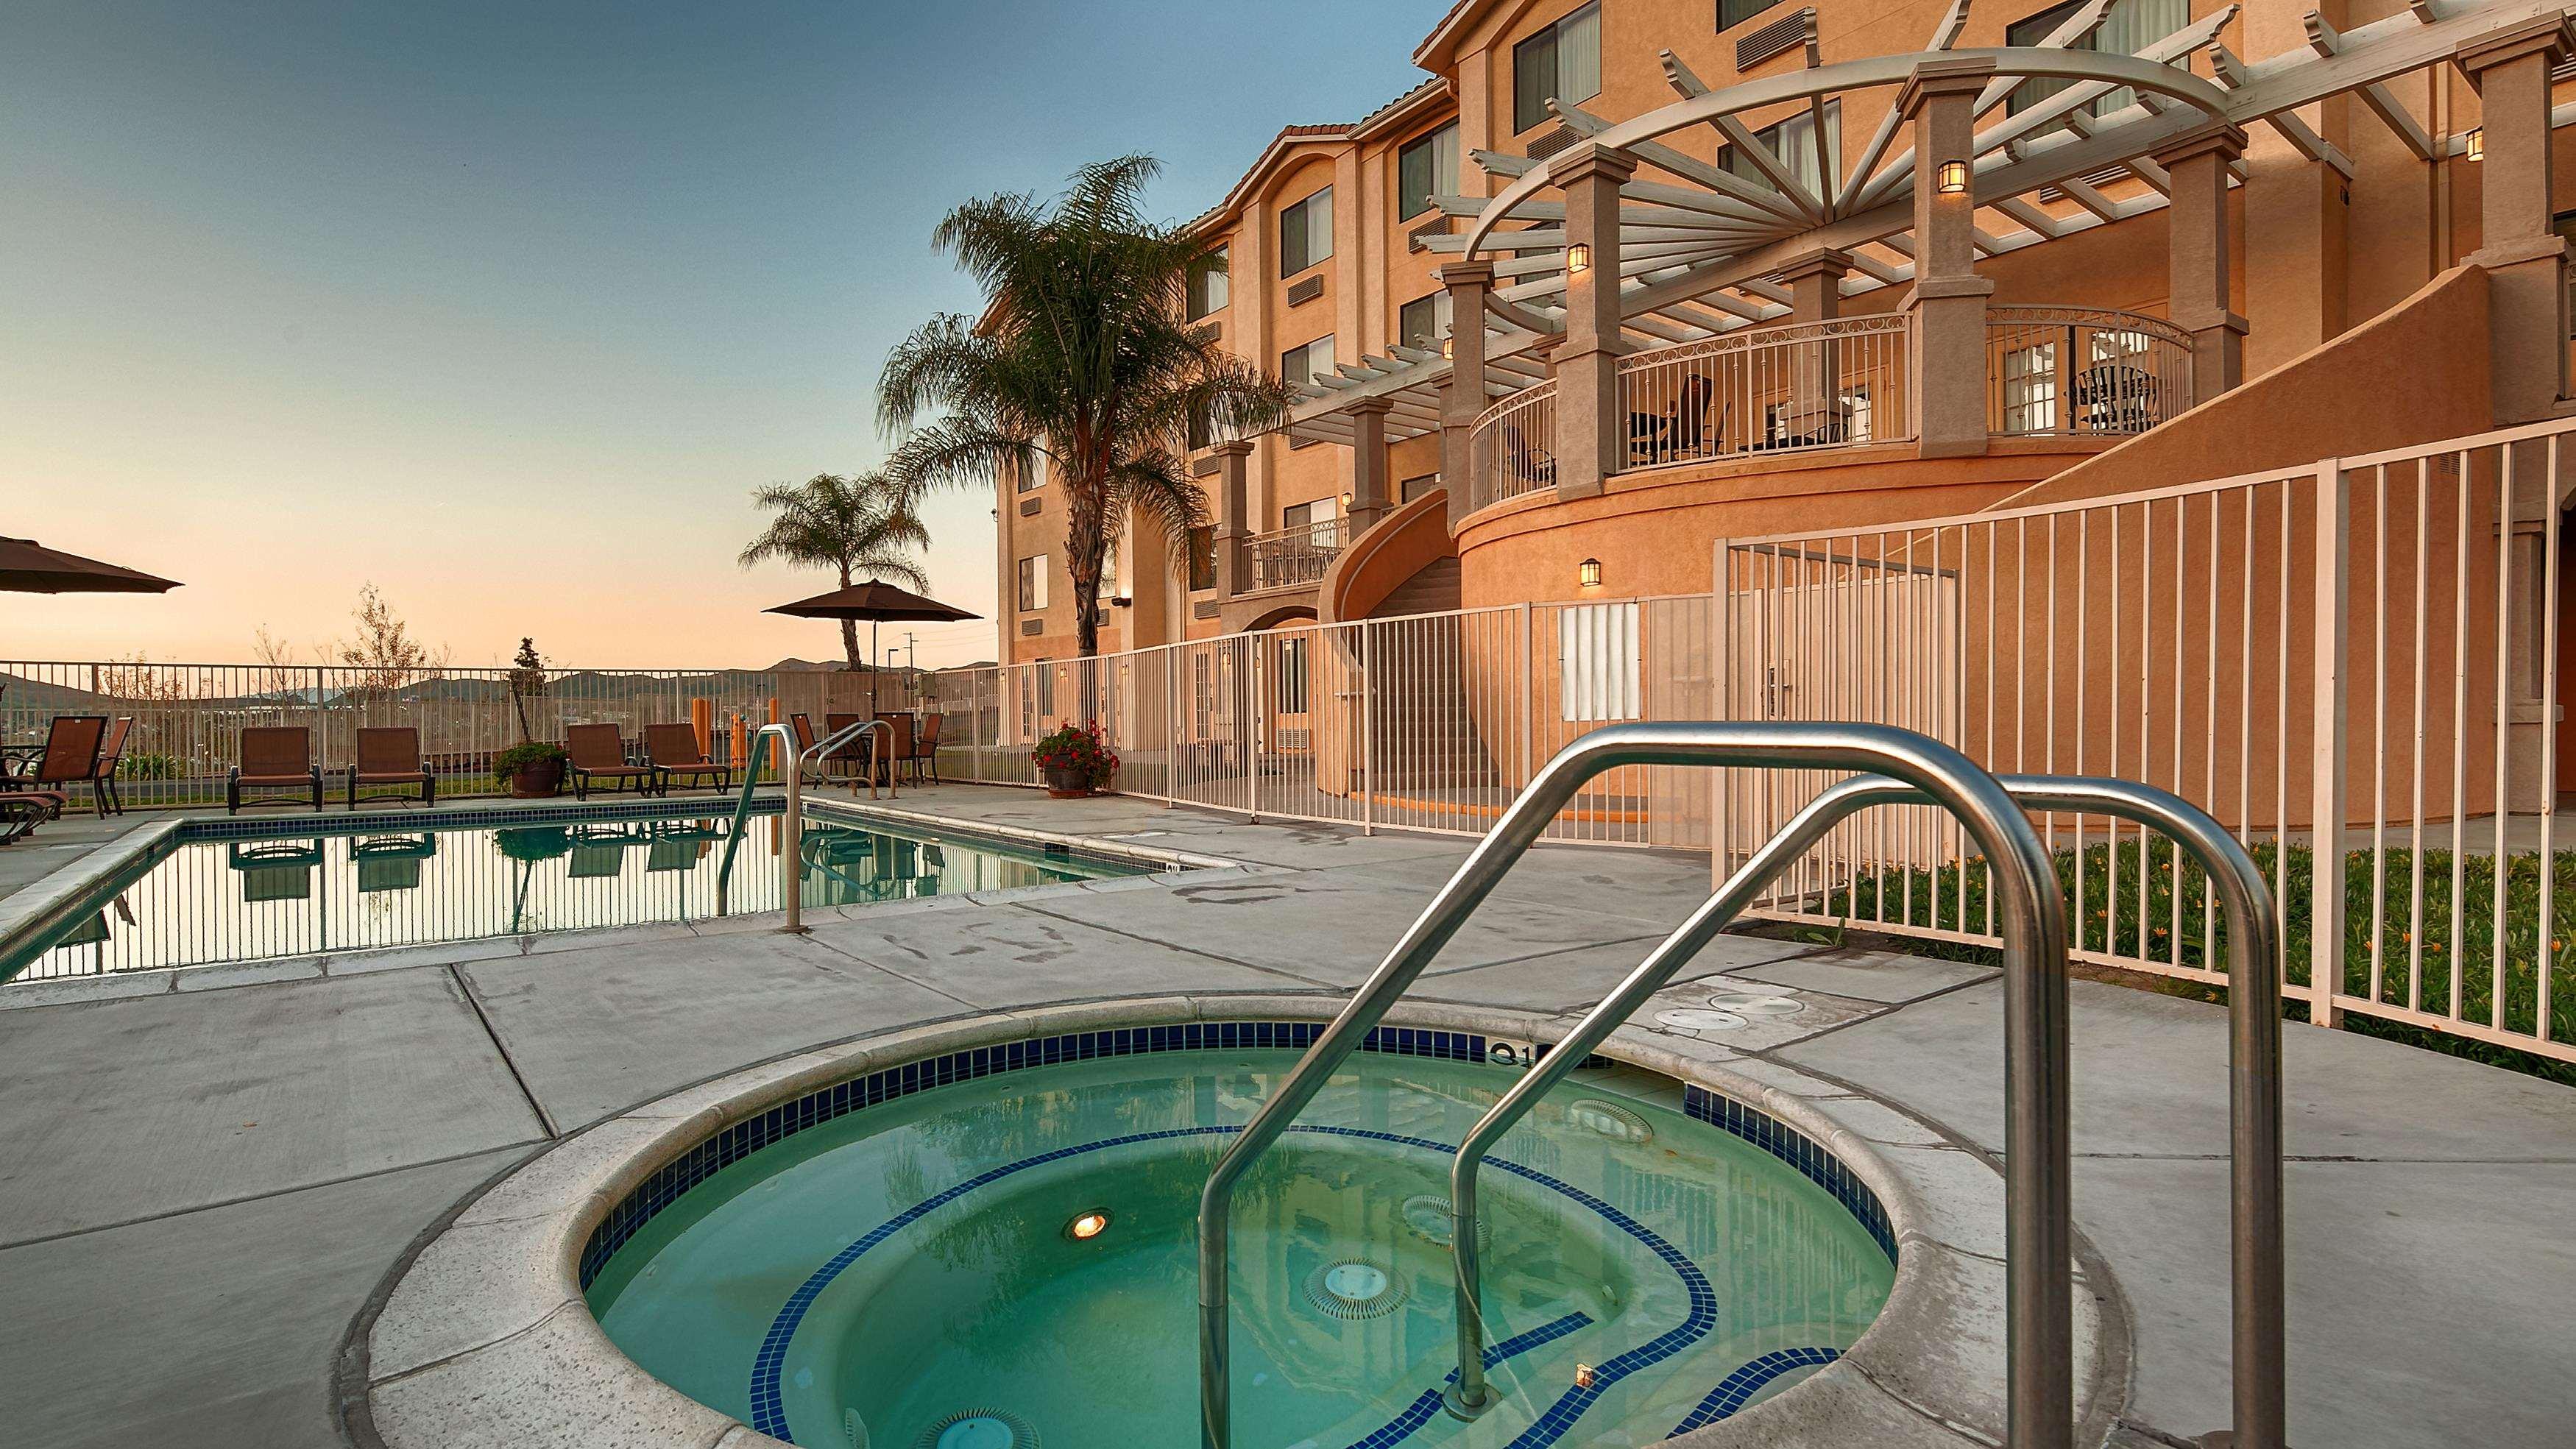 Best Western Plus Lake Elsinore Inn & Suites image 16